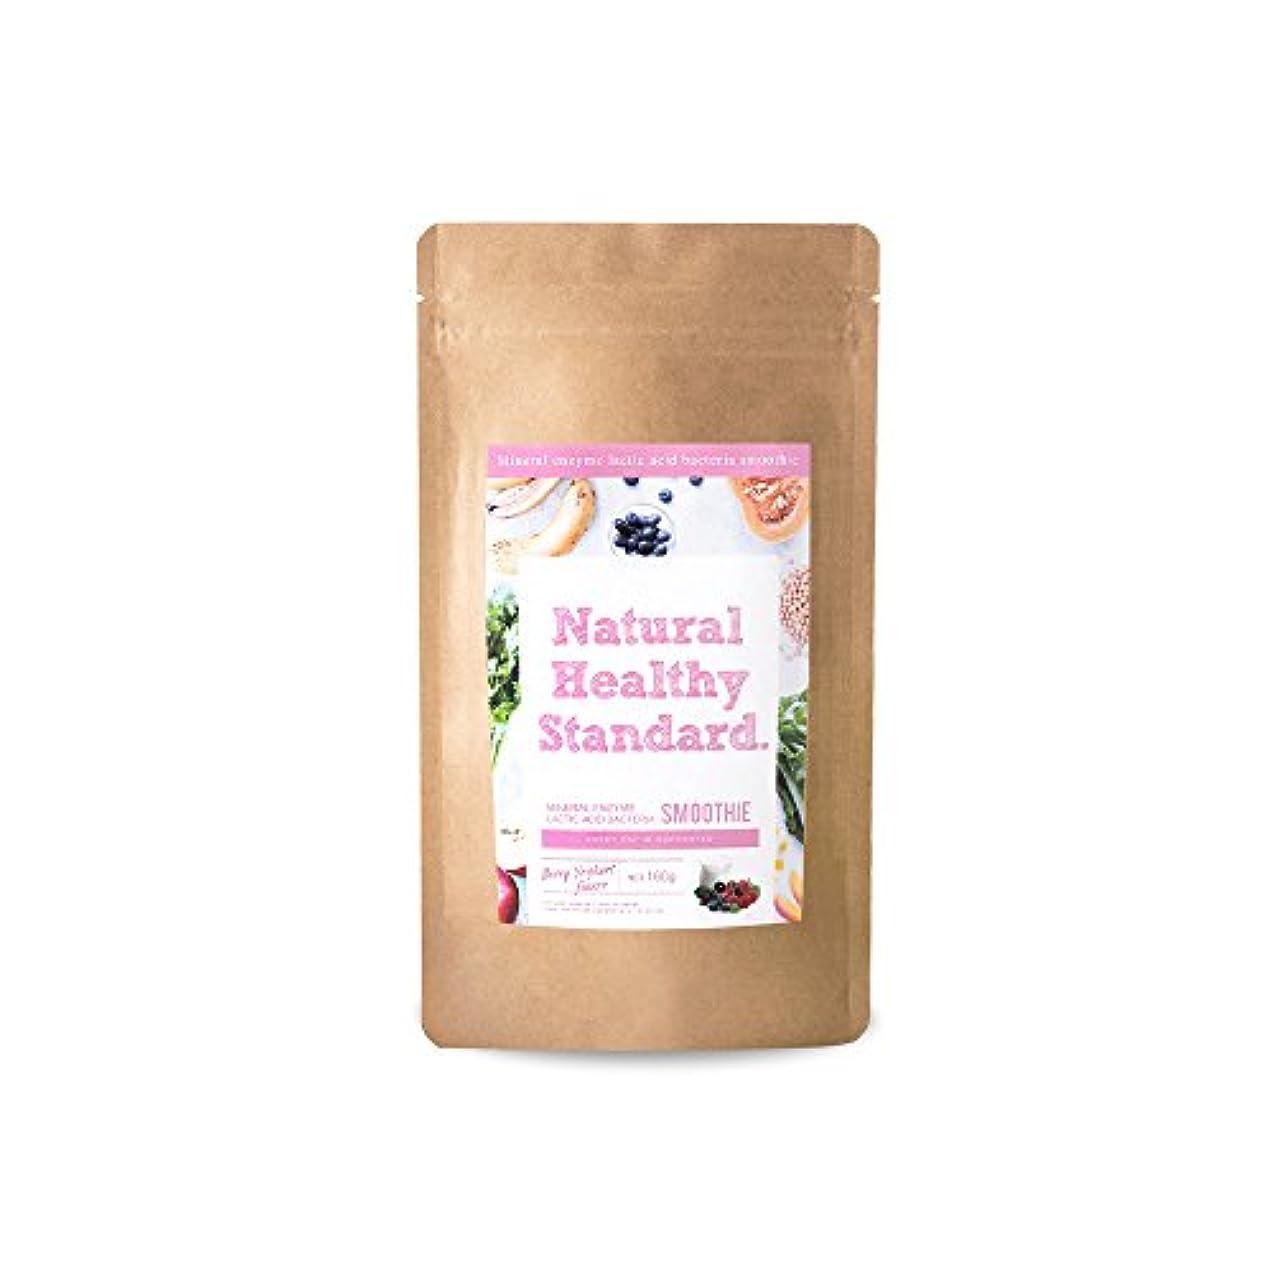 南アメリカ十代の若者たち宣伝Natural Healthy Standard. ミネラル酵素スムージー乳酸菌ベリーヨーグルト味 160g